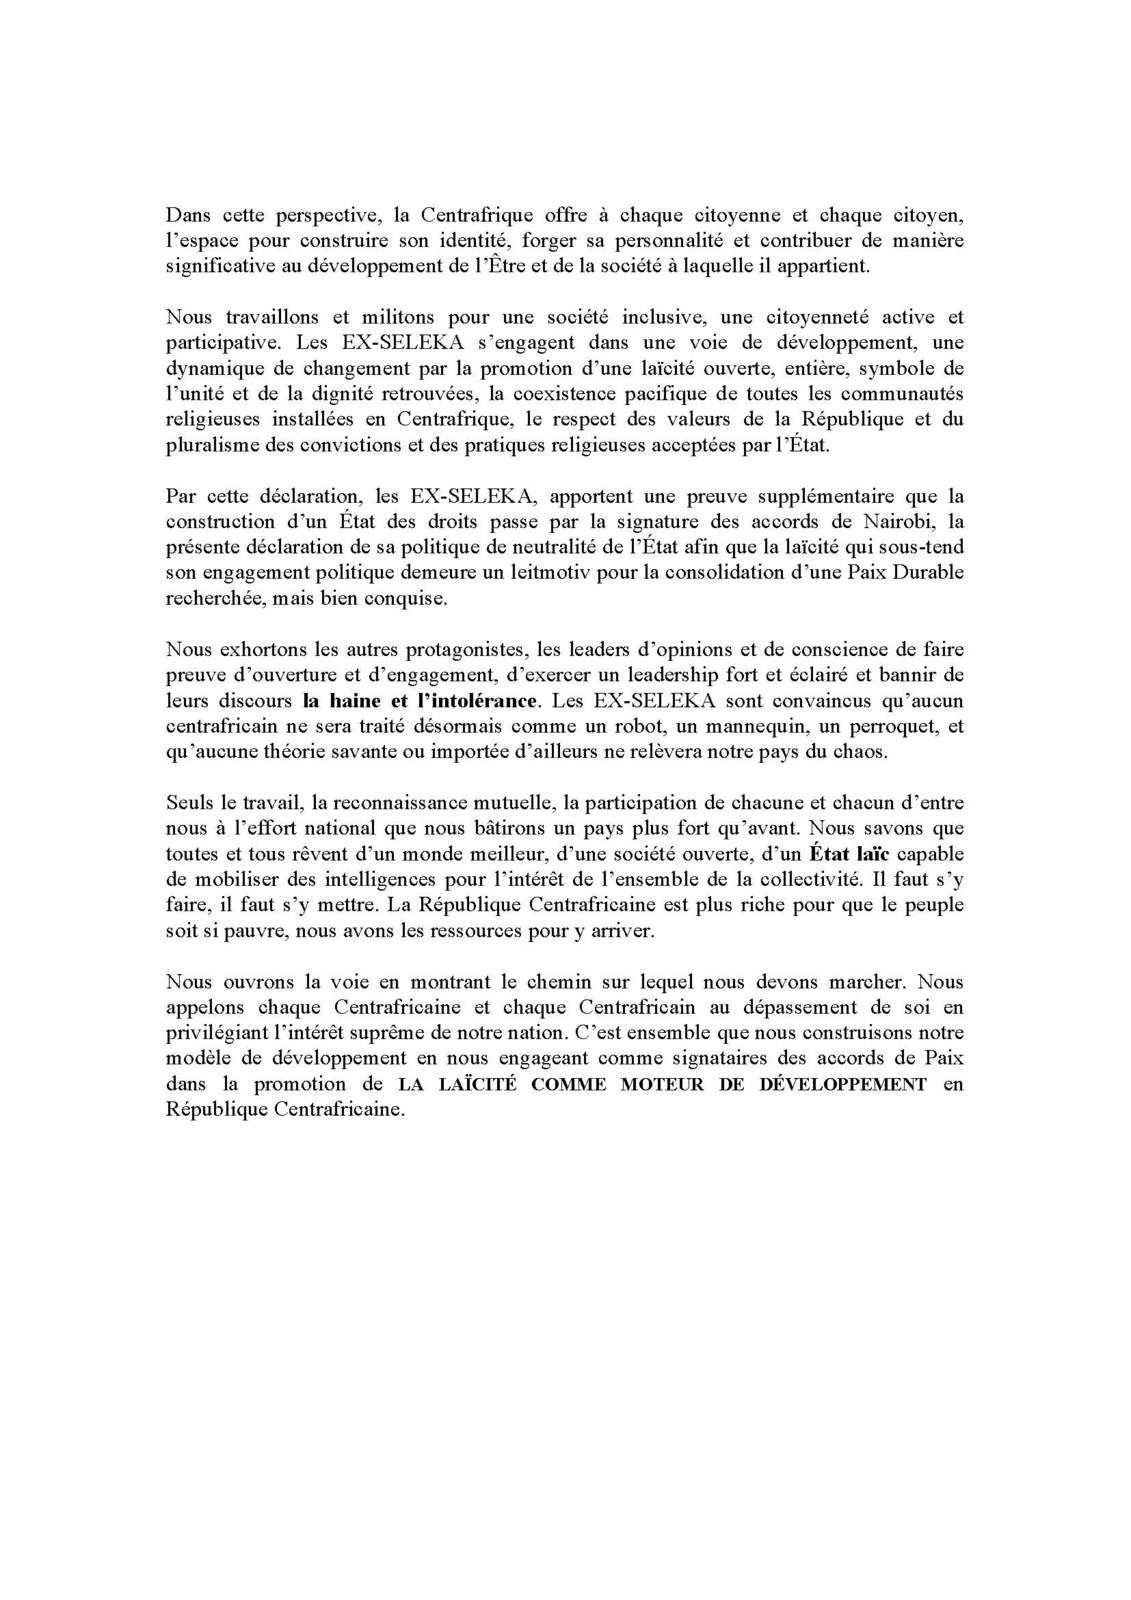 LA LAÏCITÉ : MOTEUR DE DÉVELOPPEMENT DE LA RÉPUBLIQUE CENTRAFRIQUE (RCA)